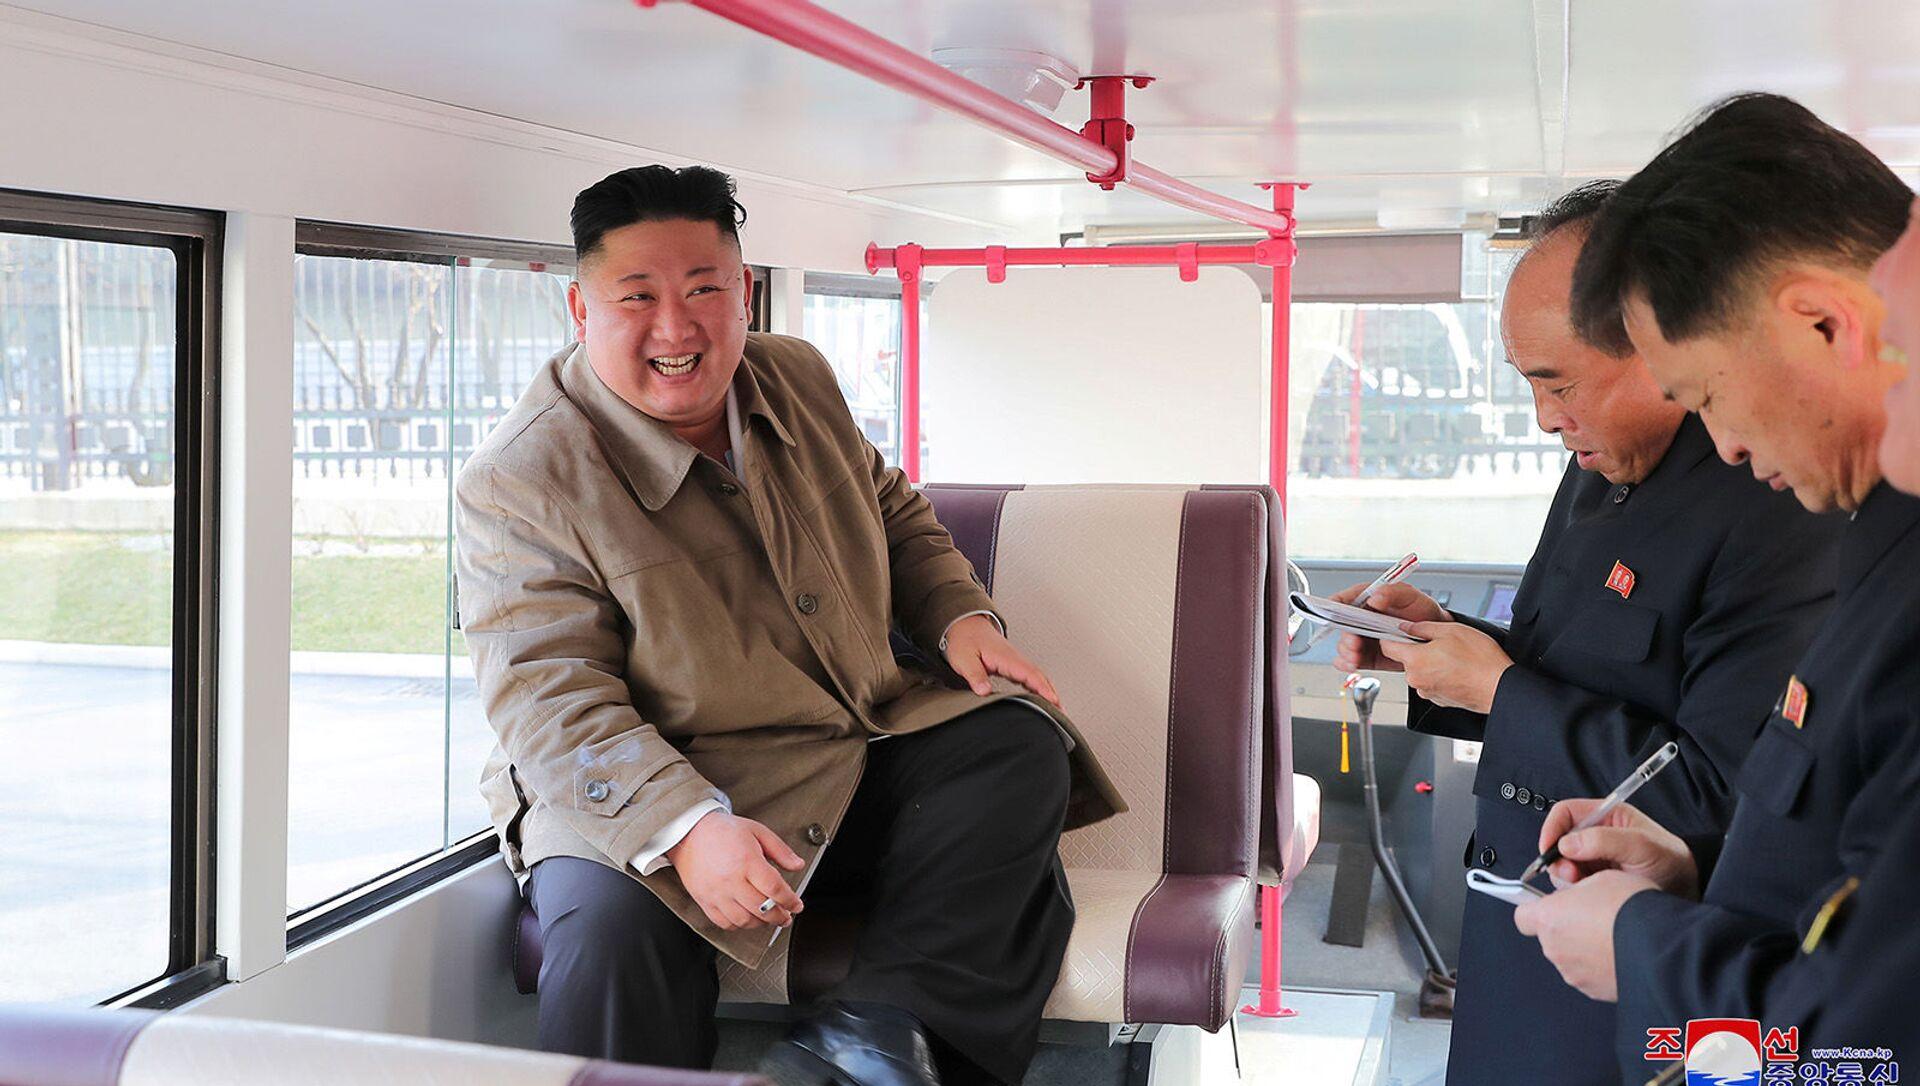 Лидер Северной Кореи Ким Чен Ын сидит в пробной версии двухэтажного автобуса (25 марта 2021). Пхеньян - Sputnik Армения, 1920, 18.06.2021